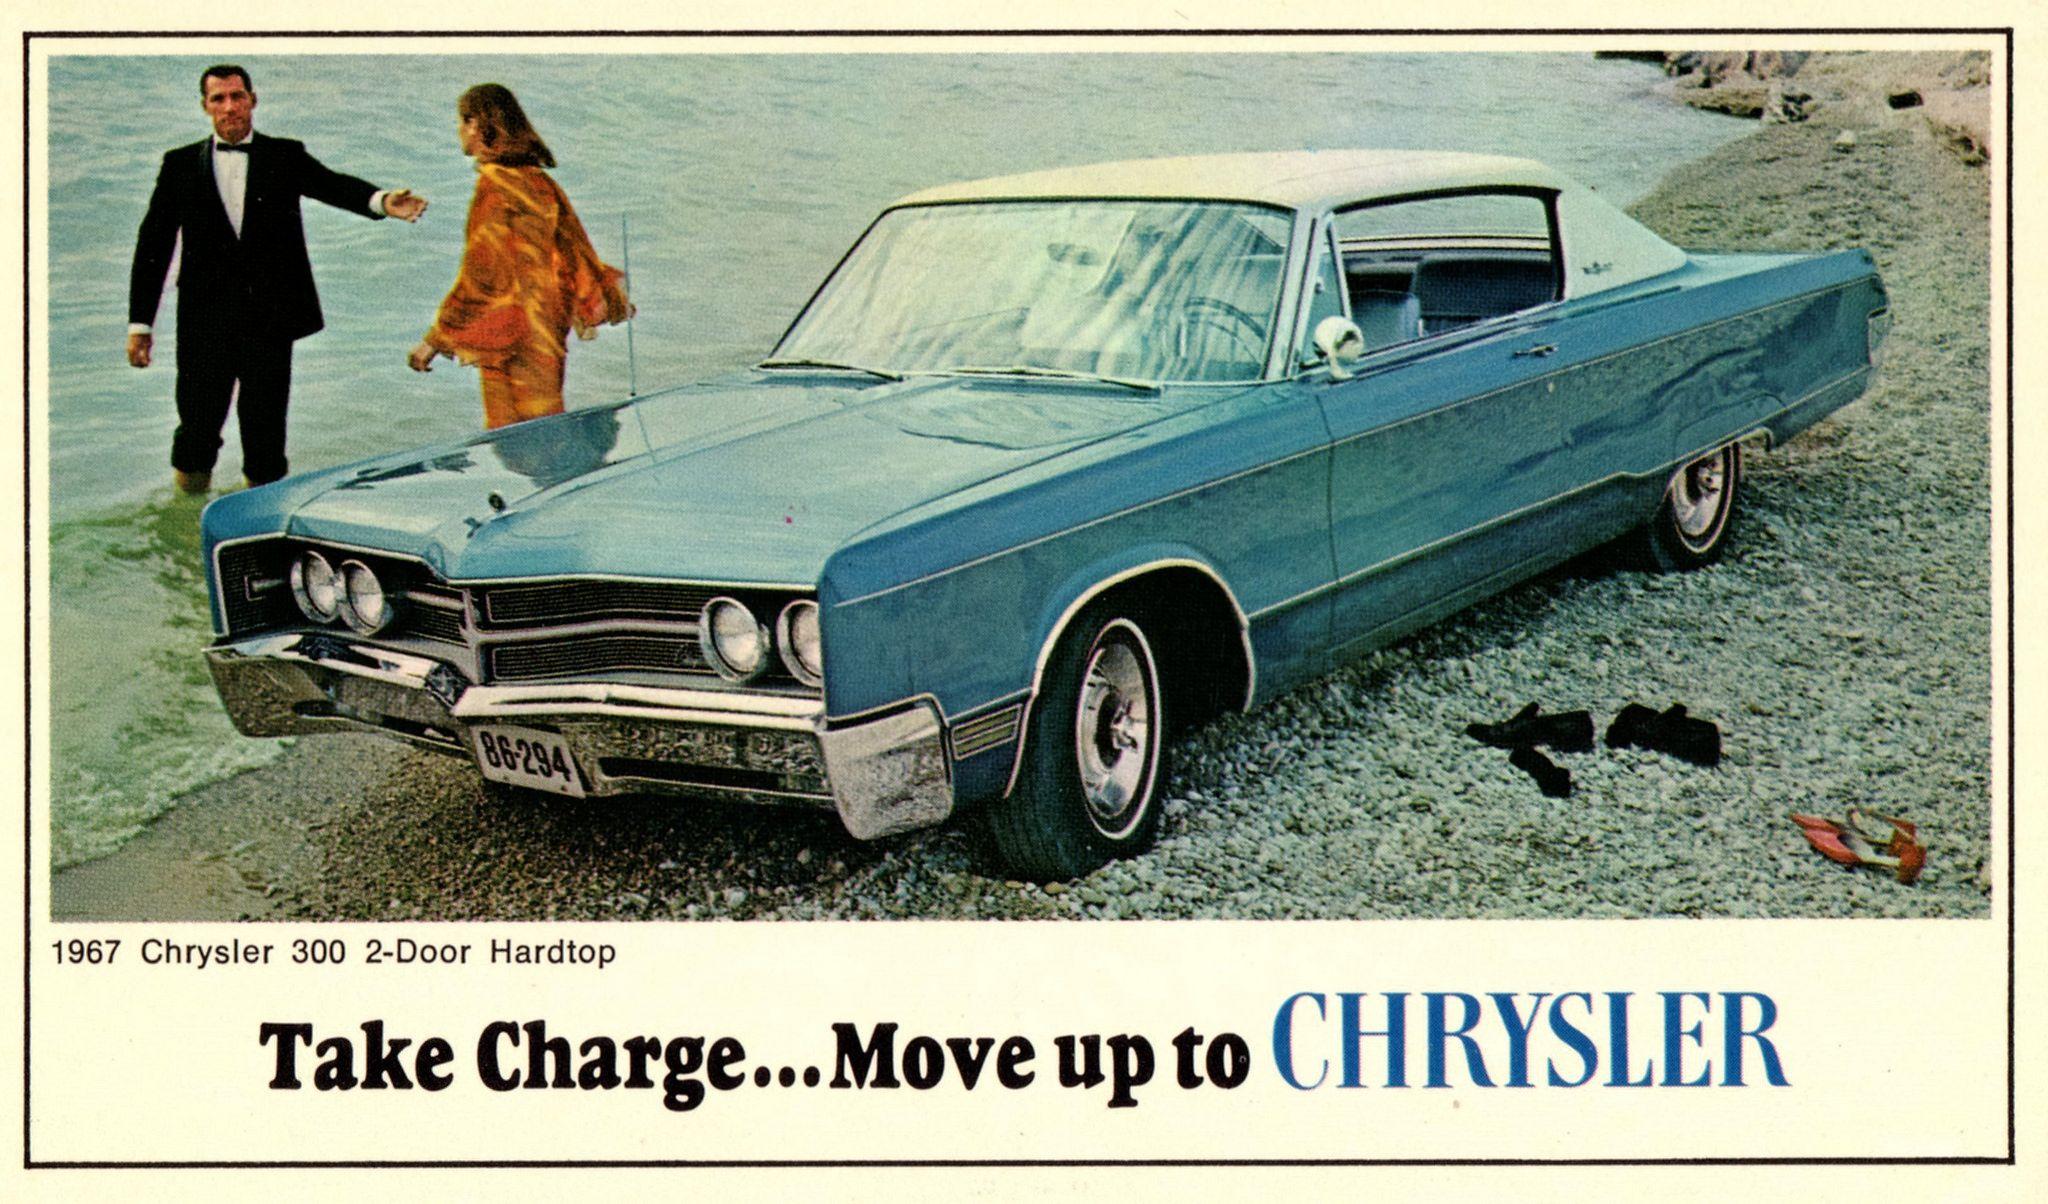 1967 Chrysler 300 2 Door Hardtop